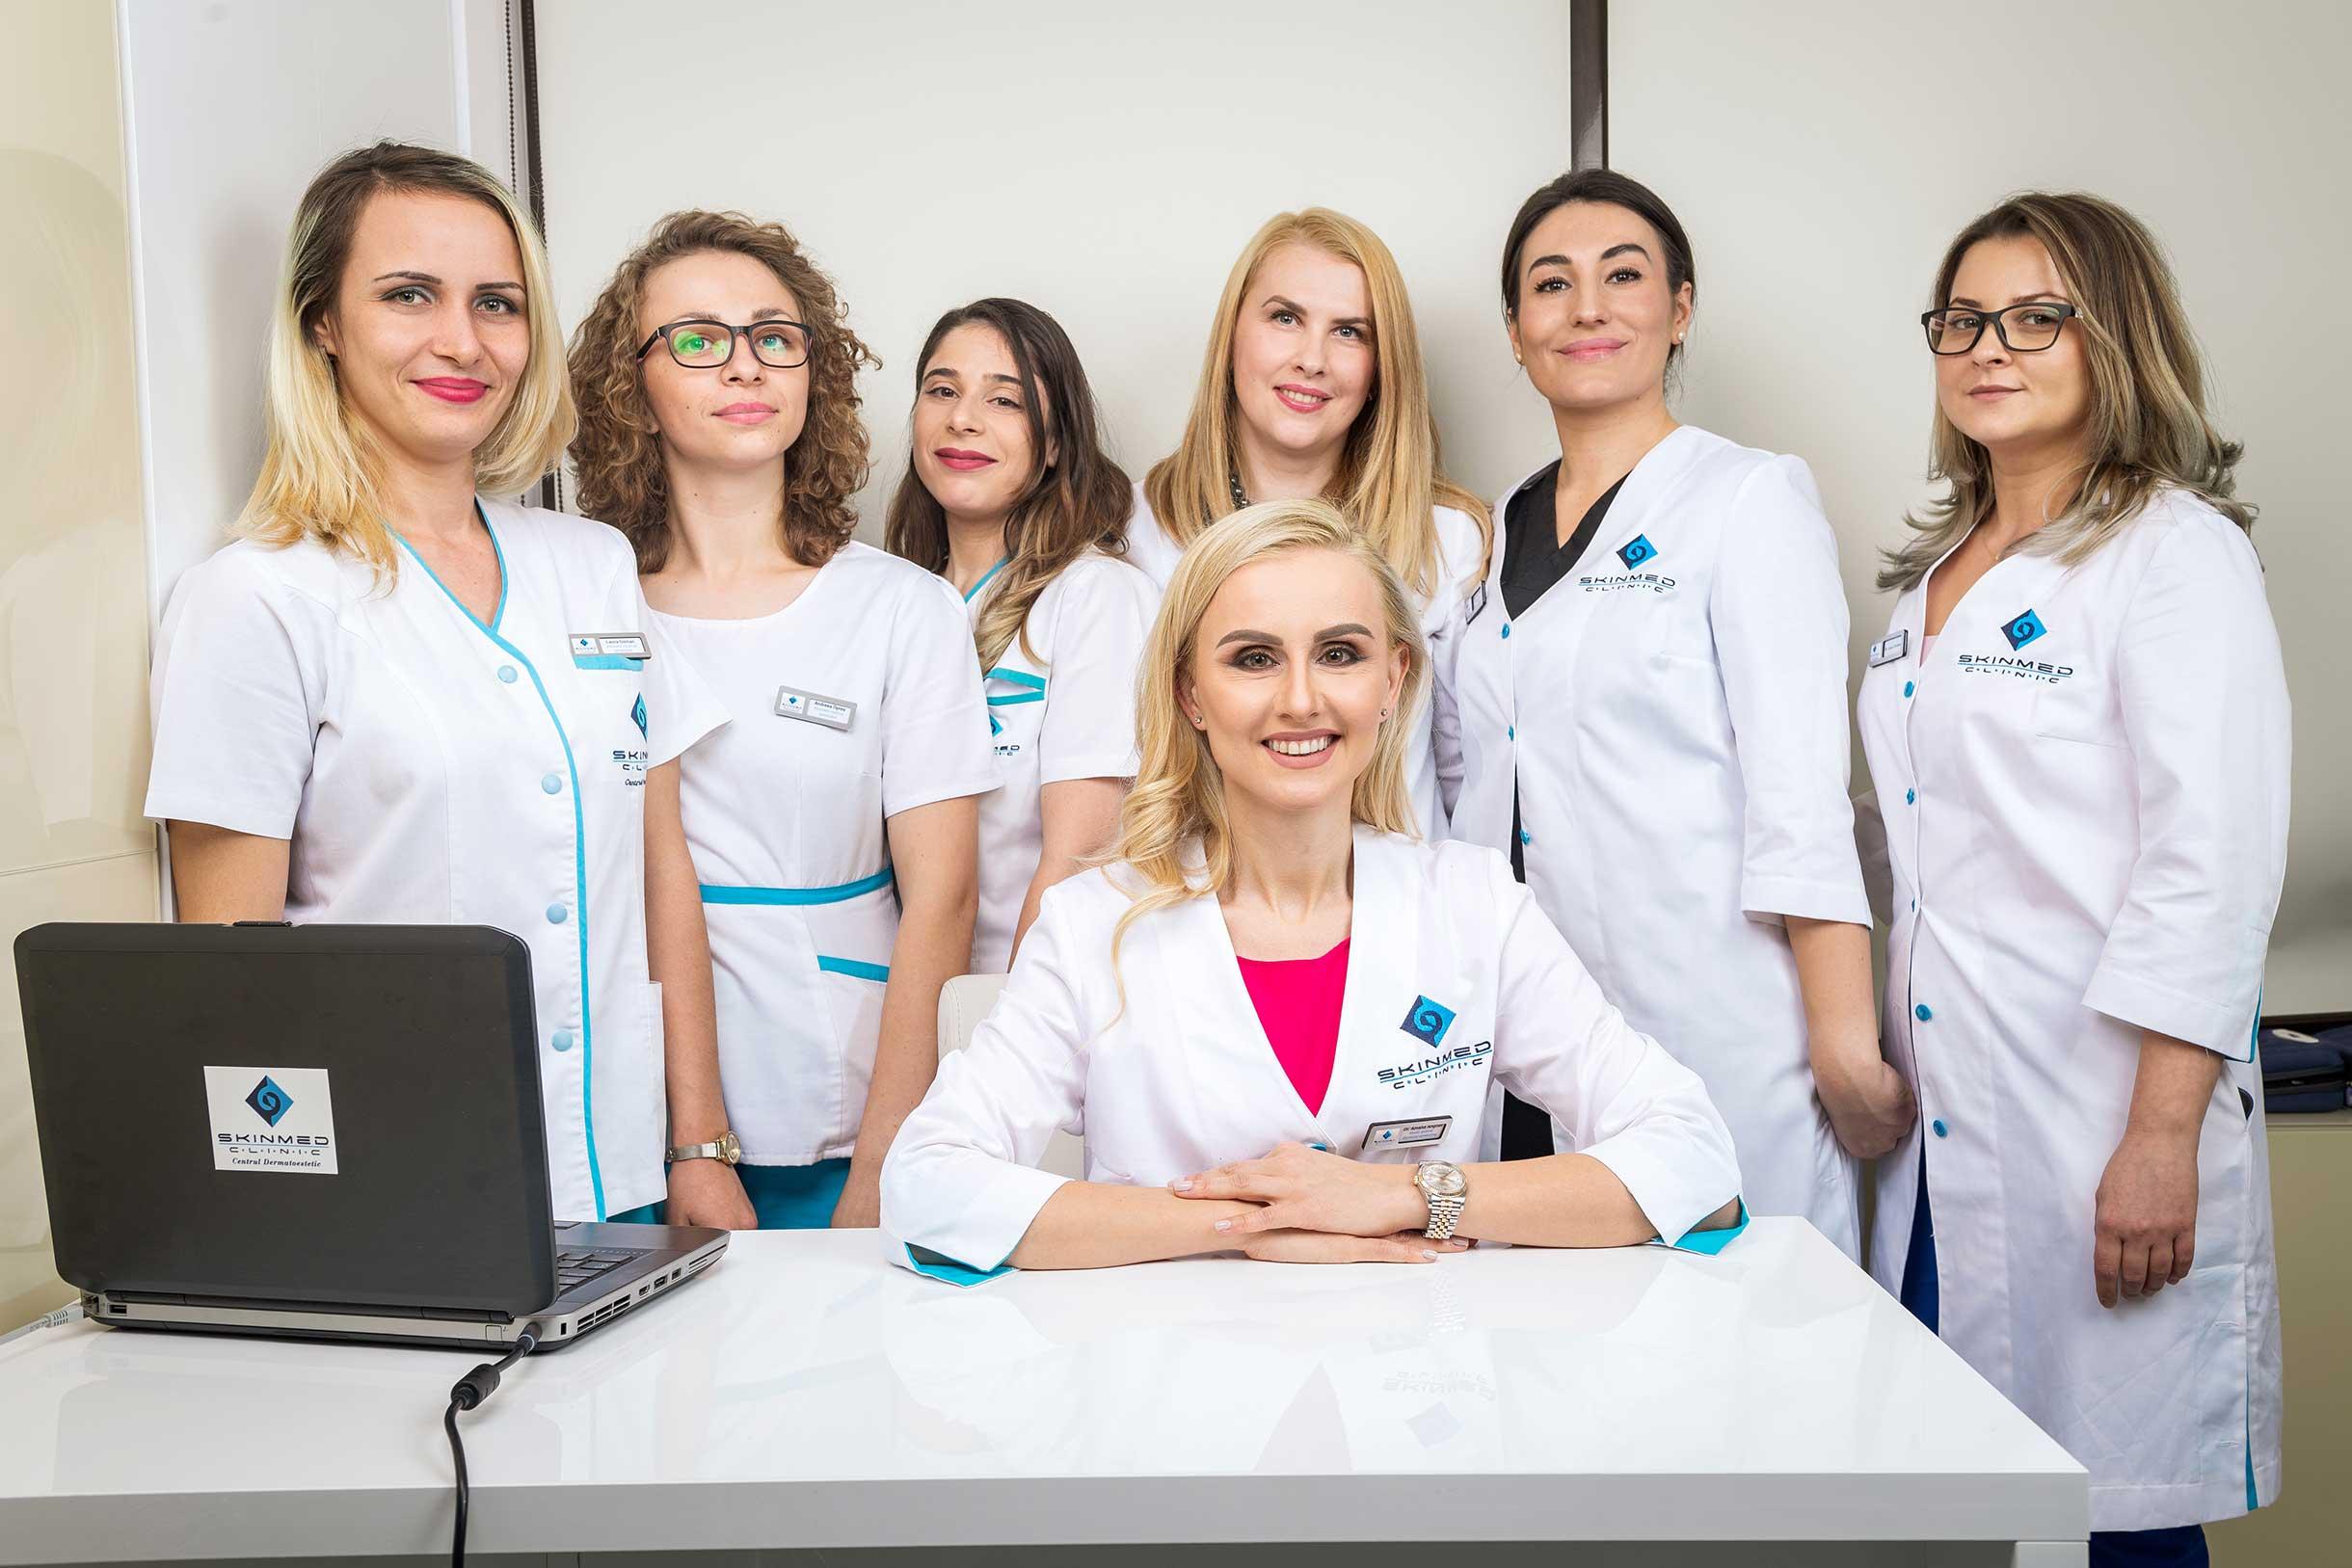 centrul medical de viziune